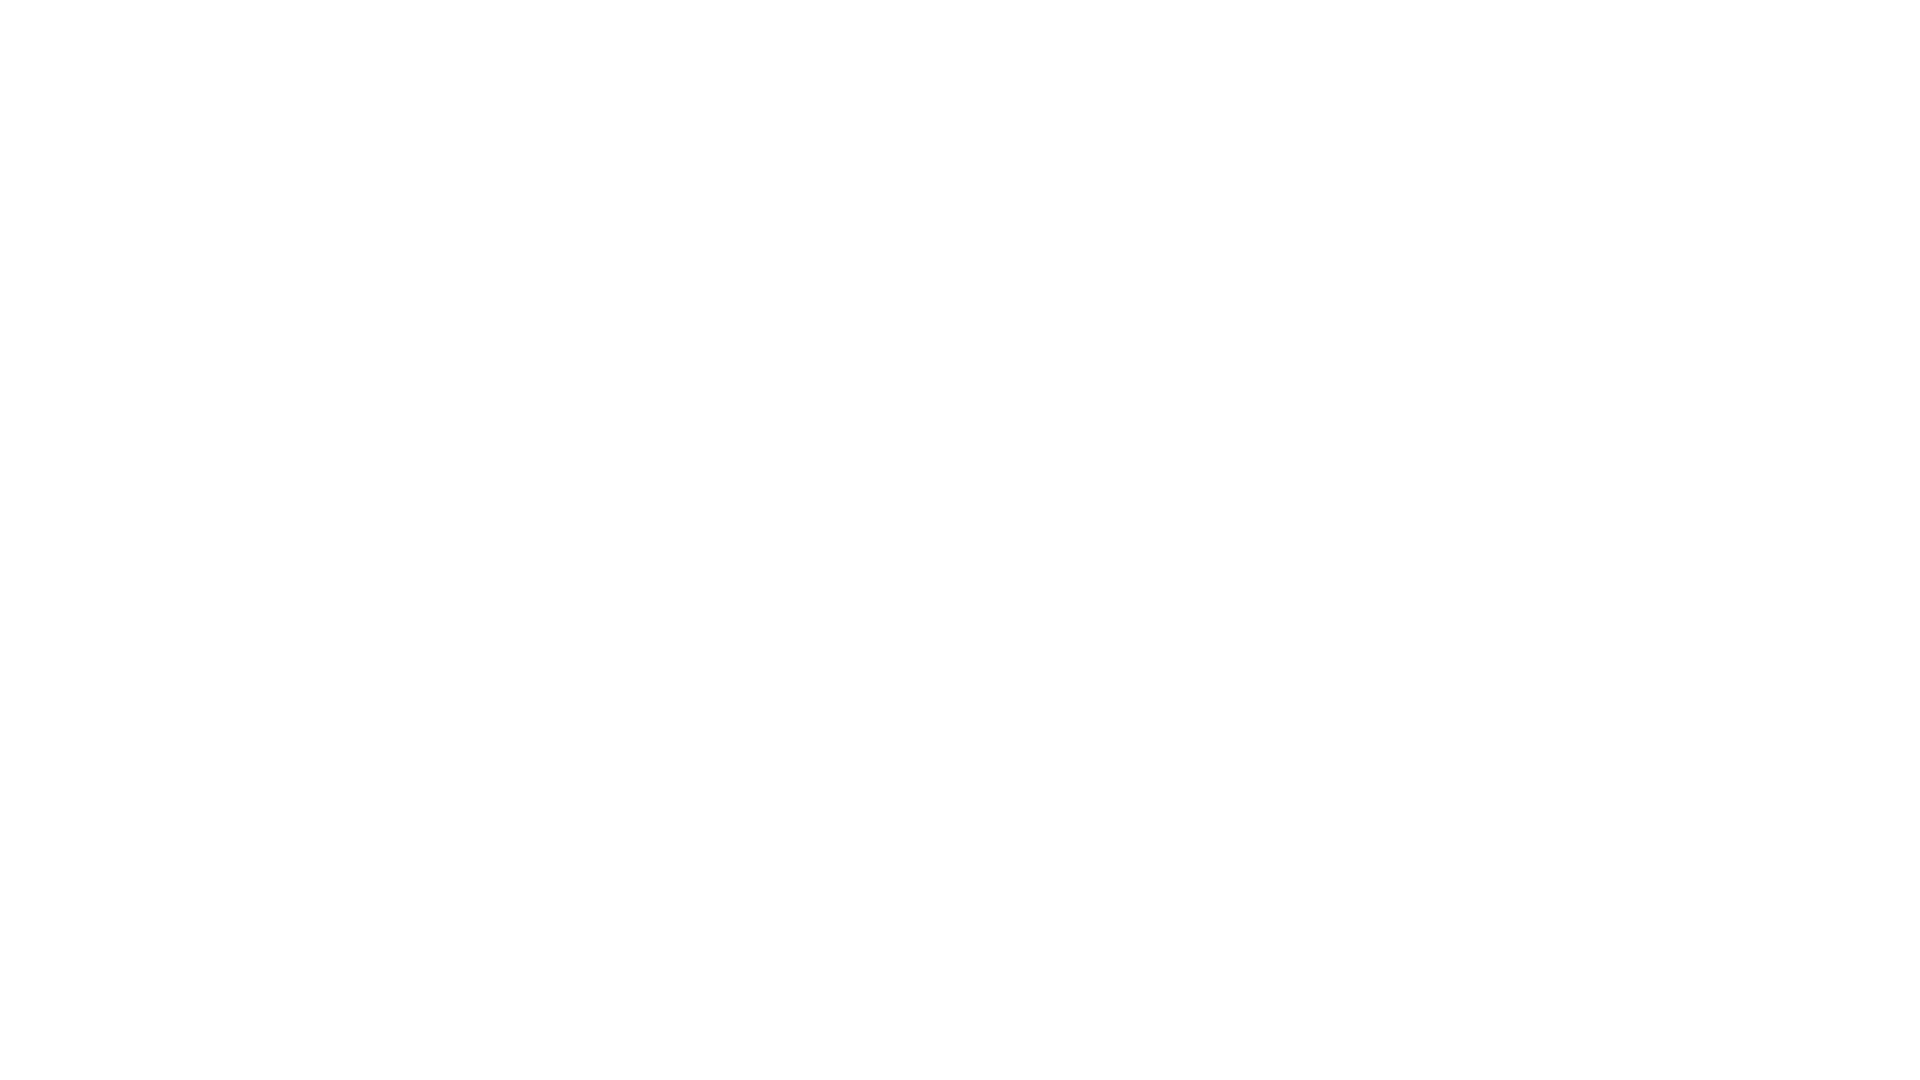 魔術師の お・も・て・な・し vol.11 19歳女子大生にホテルでイタズラ 前編 OL  109枚 68